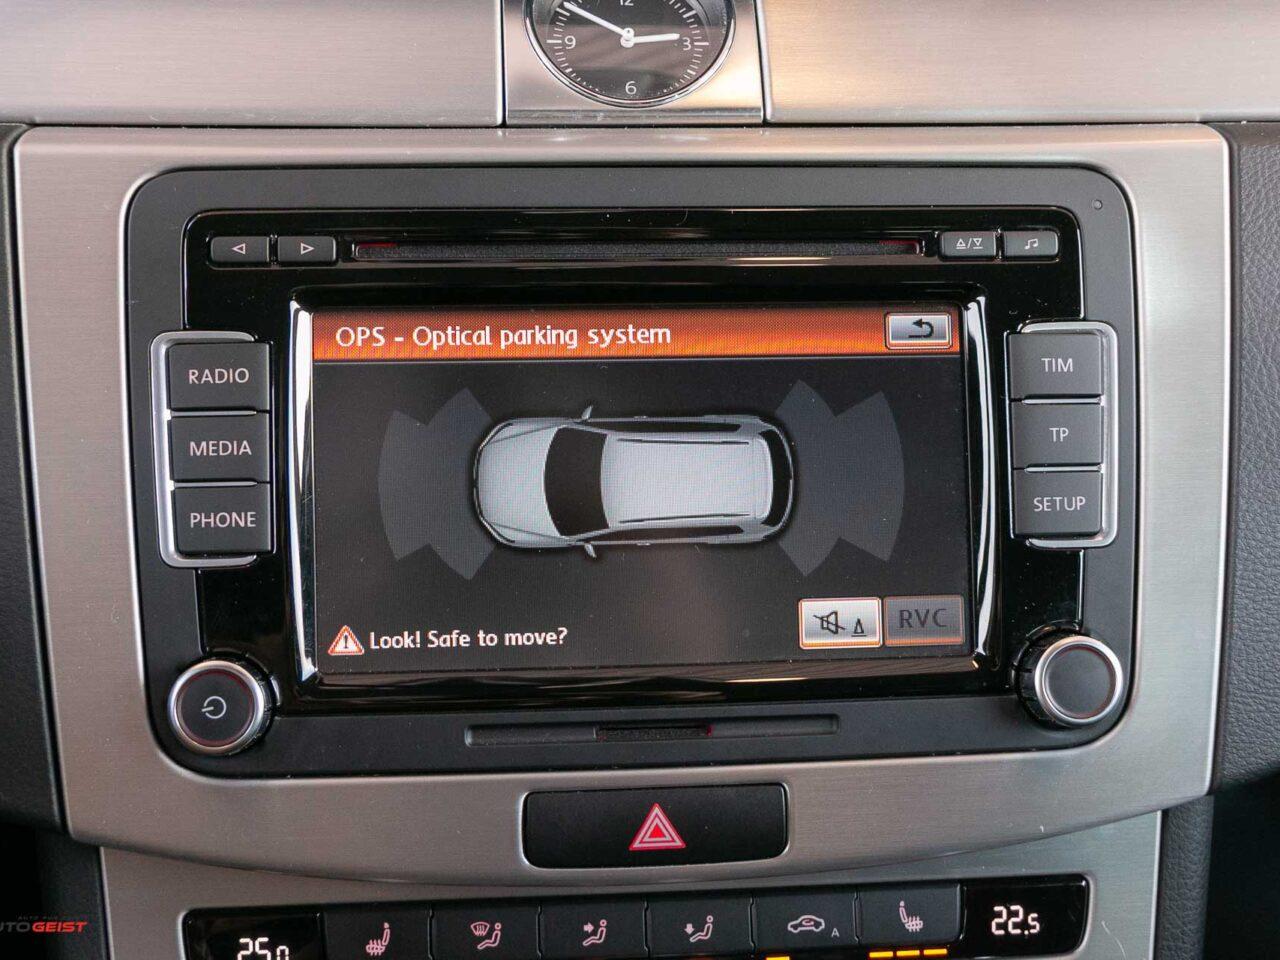 VW-PASSAT-B7-webasto-piele-negru-3677